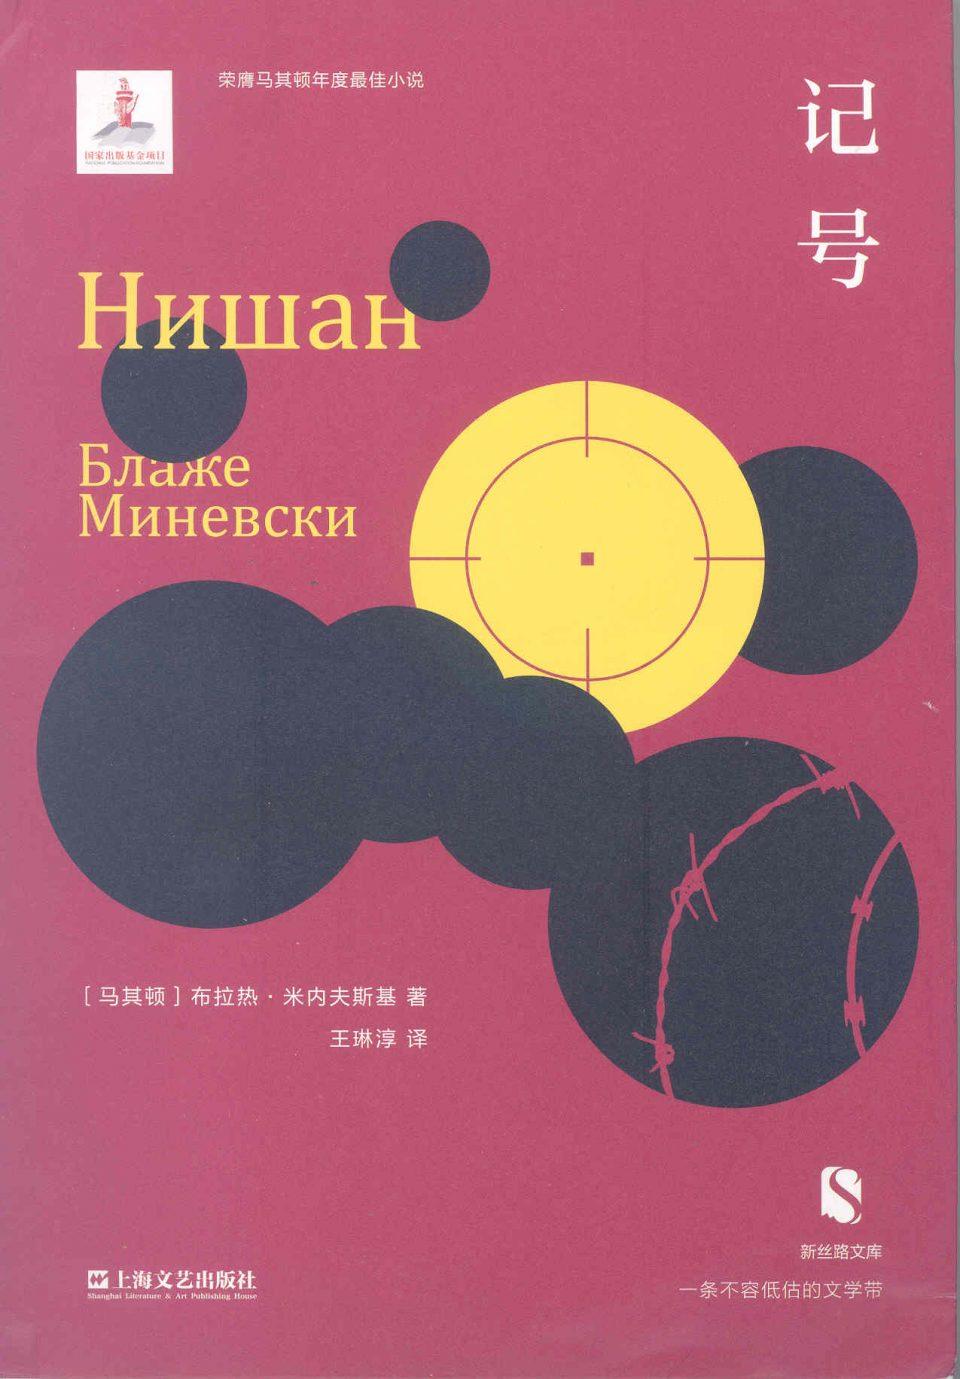 """Романот """"Нишан"""" од Блаже Миневски објавен на кинески јазик во Шангај"""